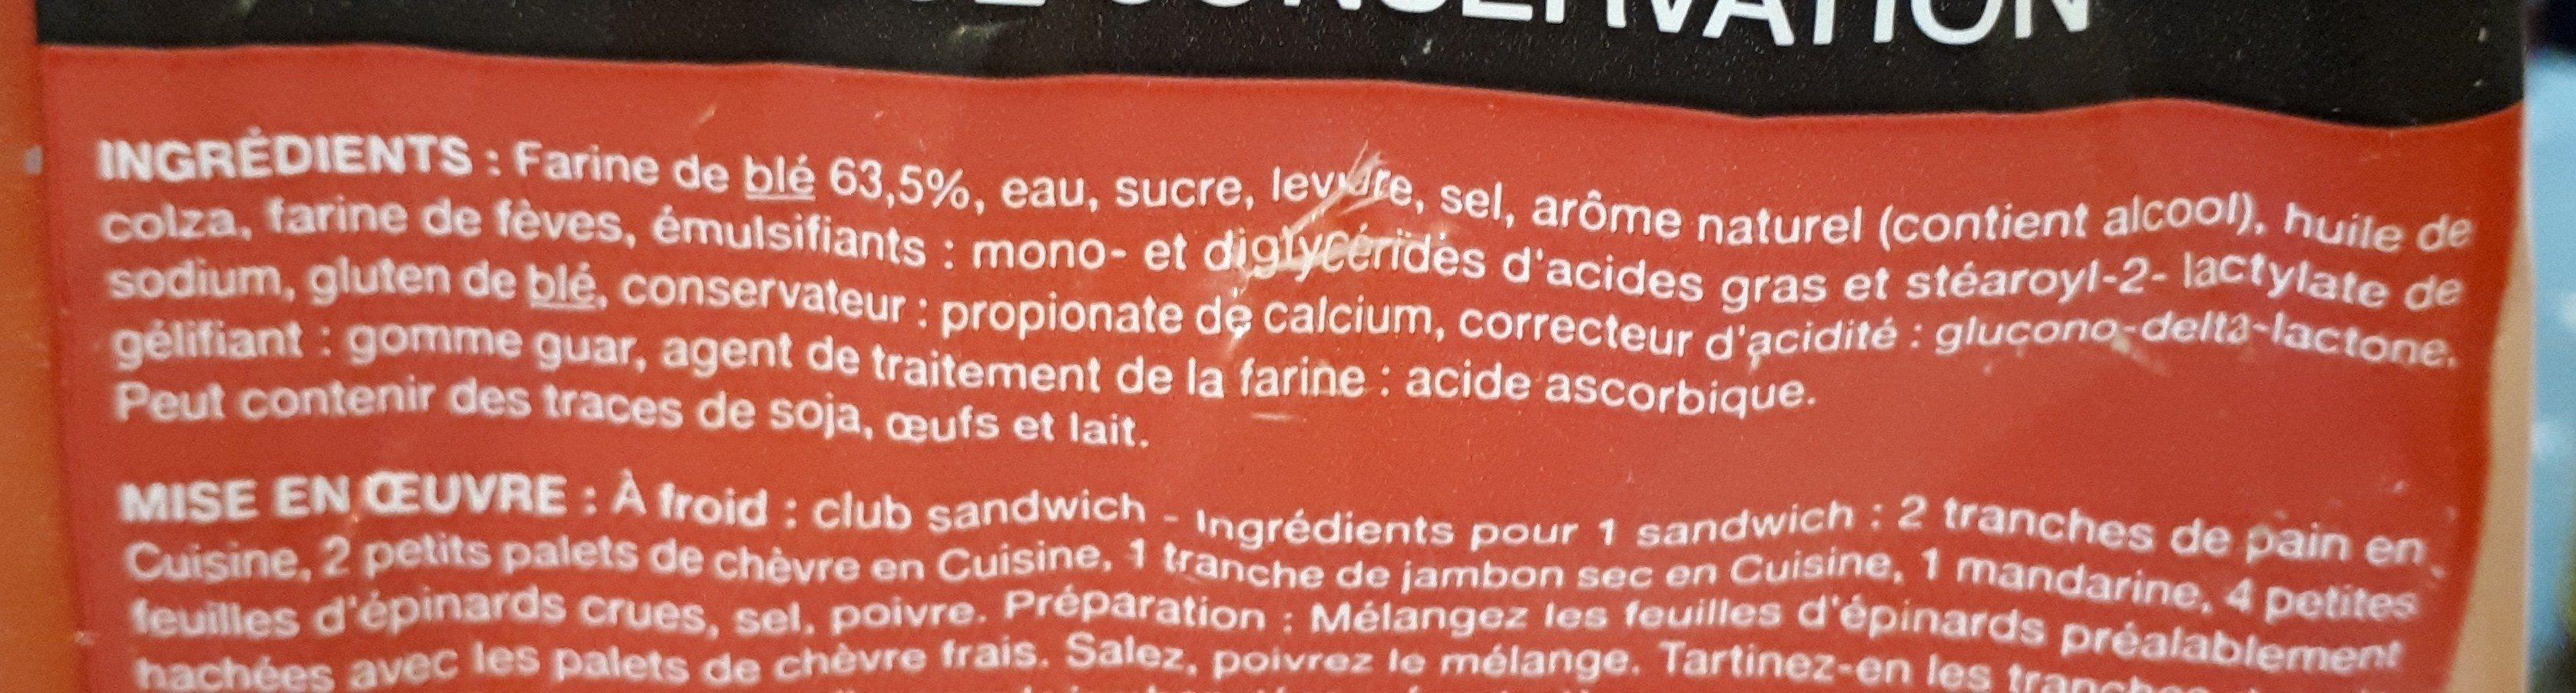 Pain de mie spécial croque monsieur - Ingredients - fr